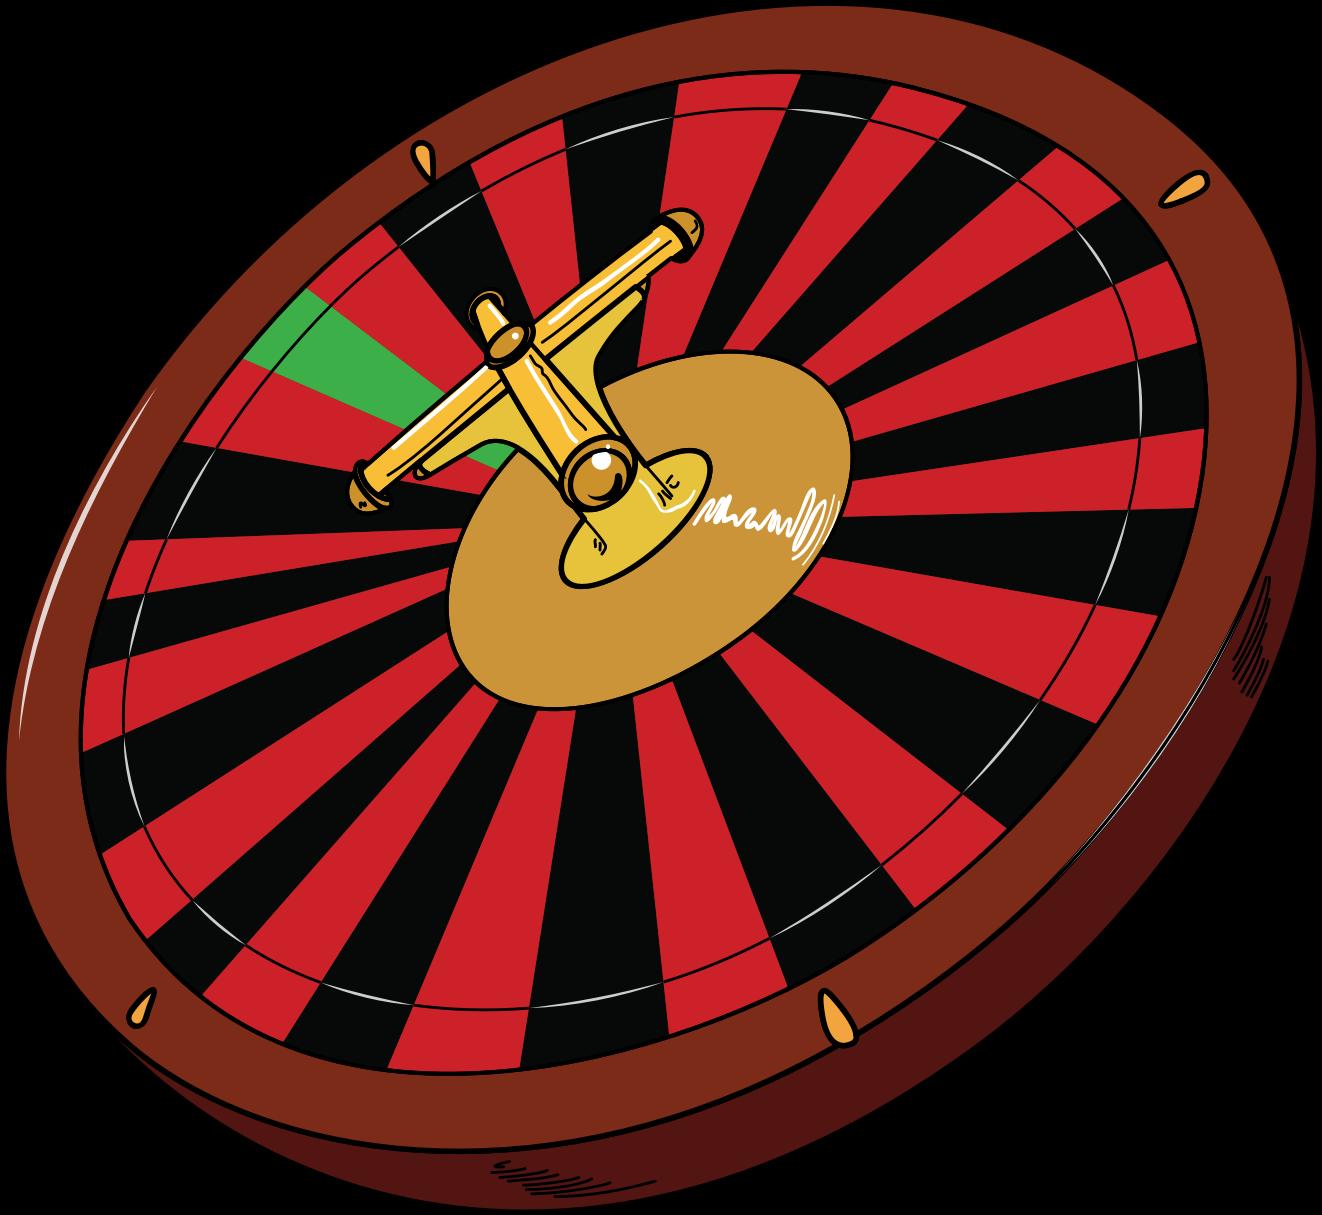 Wheel clipart clip art. Roulette big image png